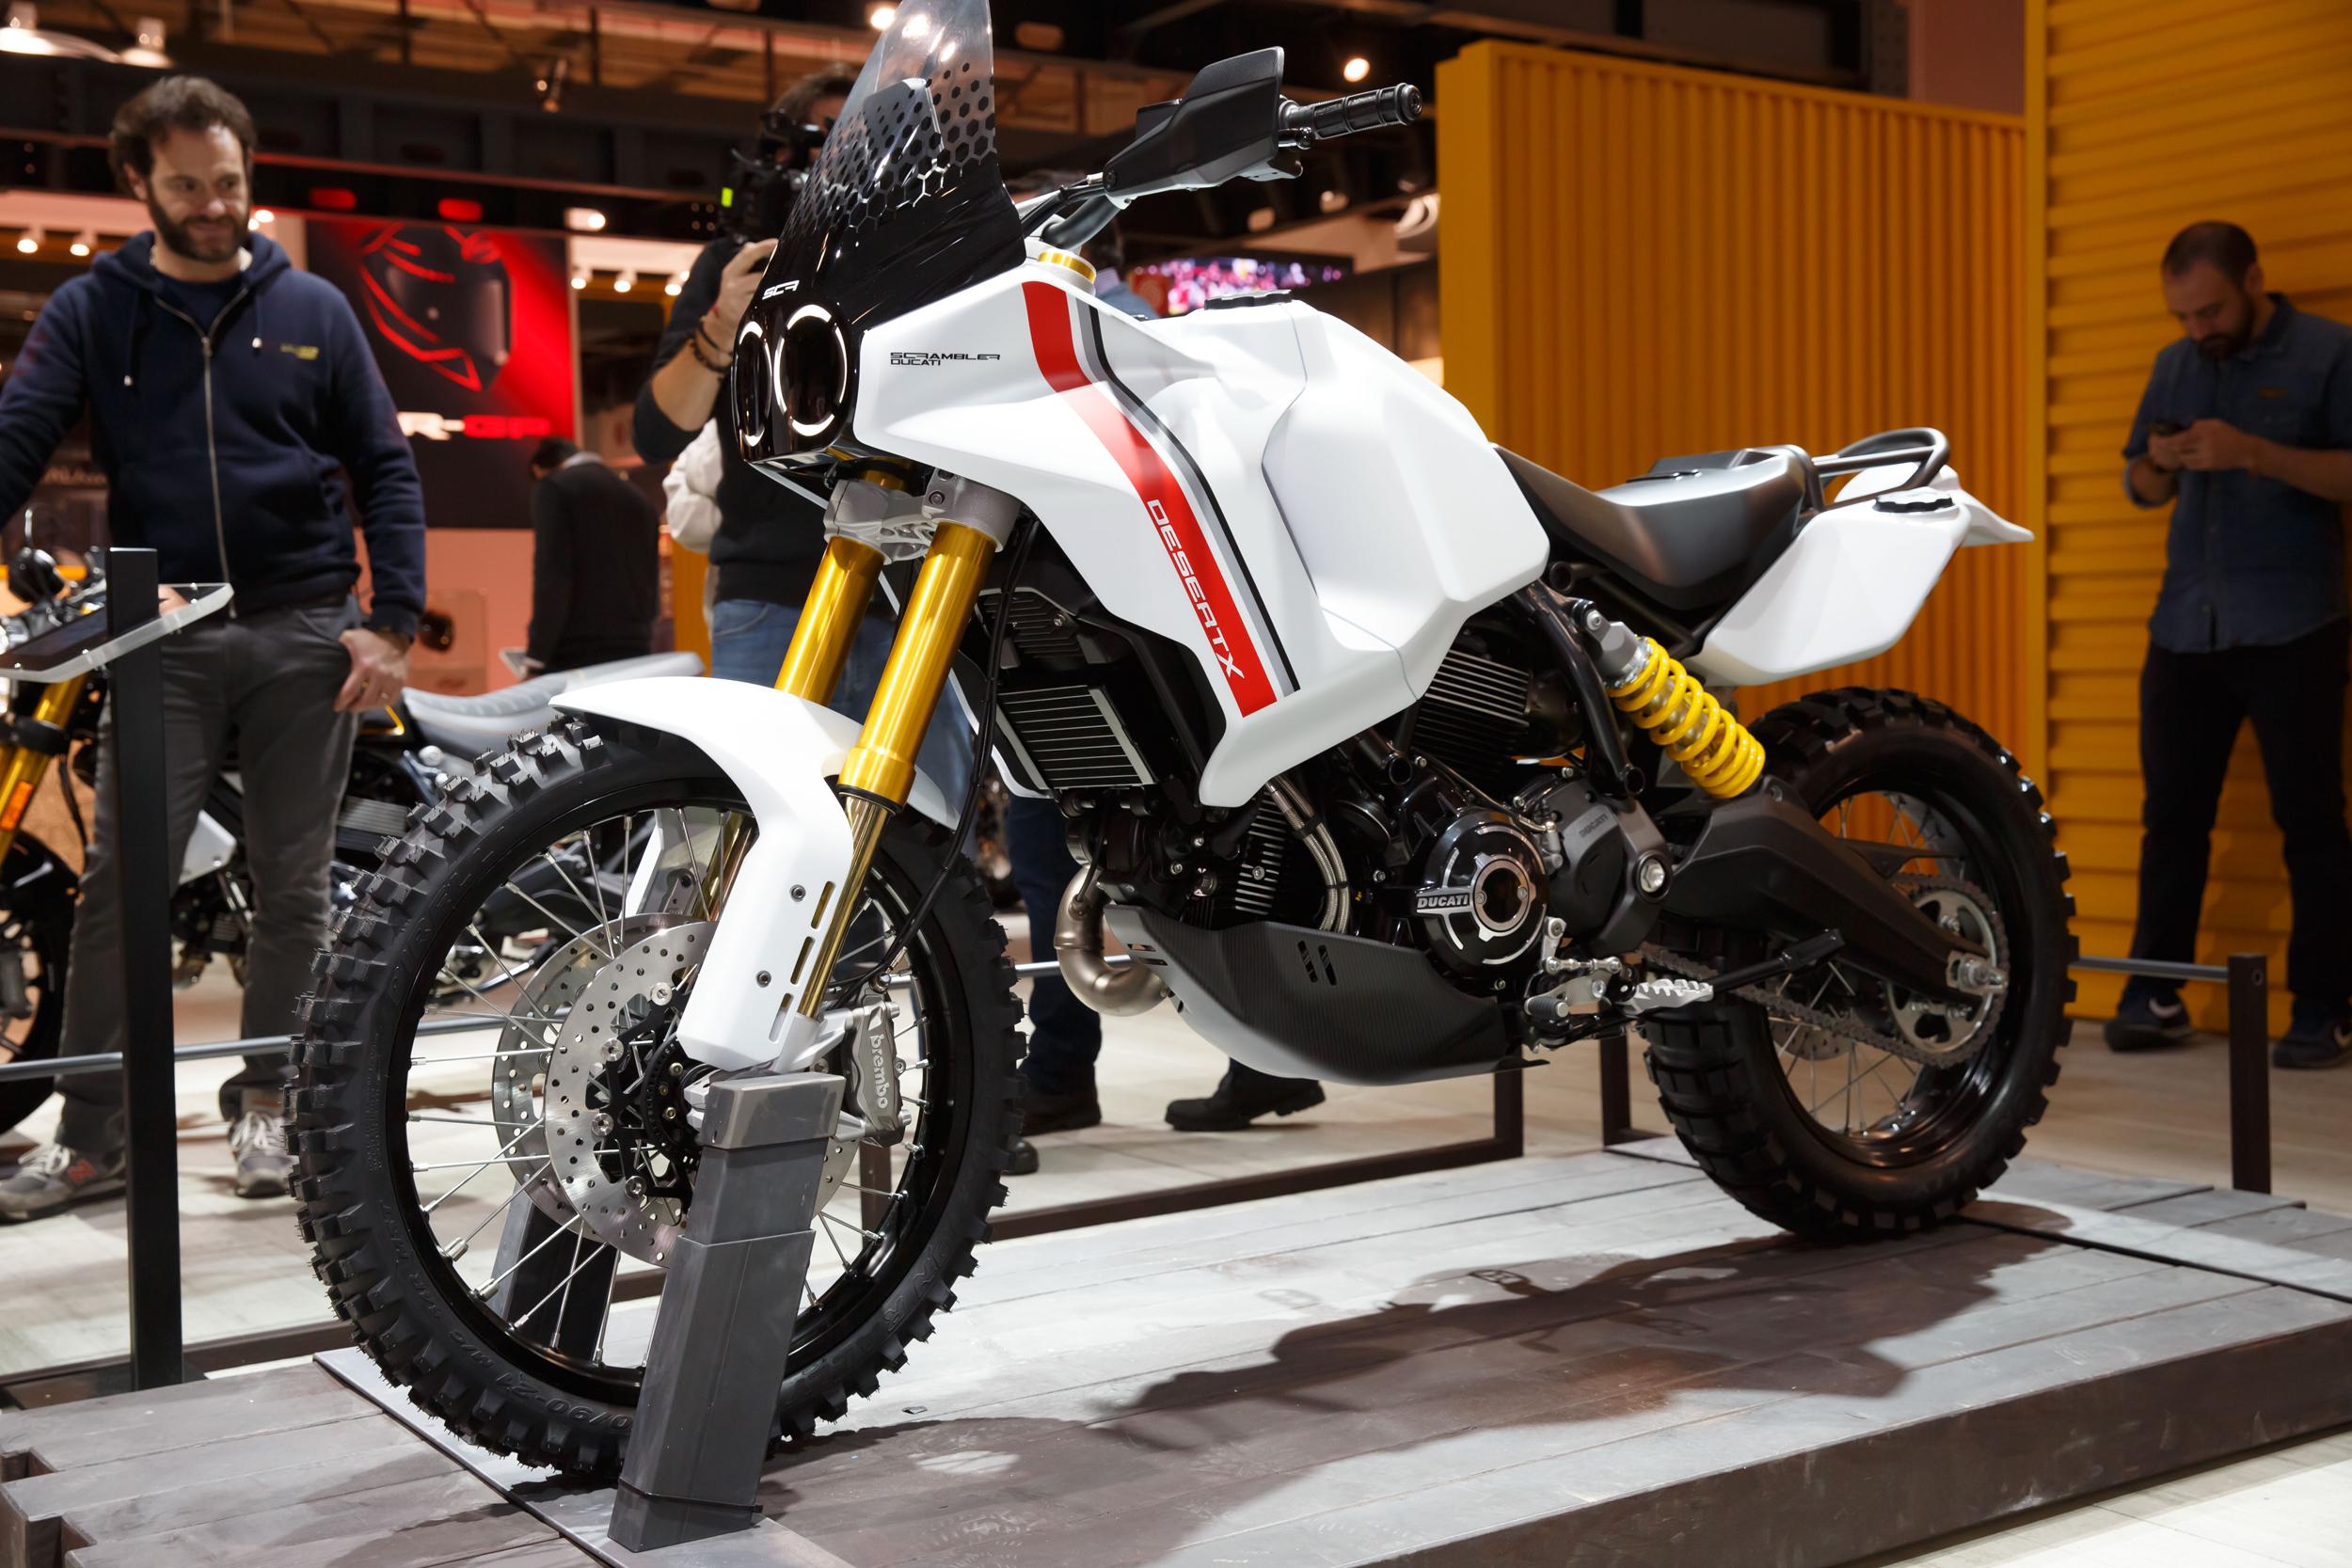 Ducati Scrambler DesertX concept bike